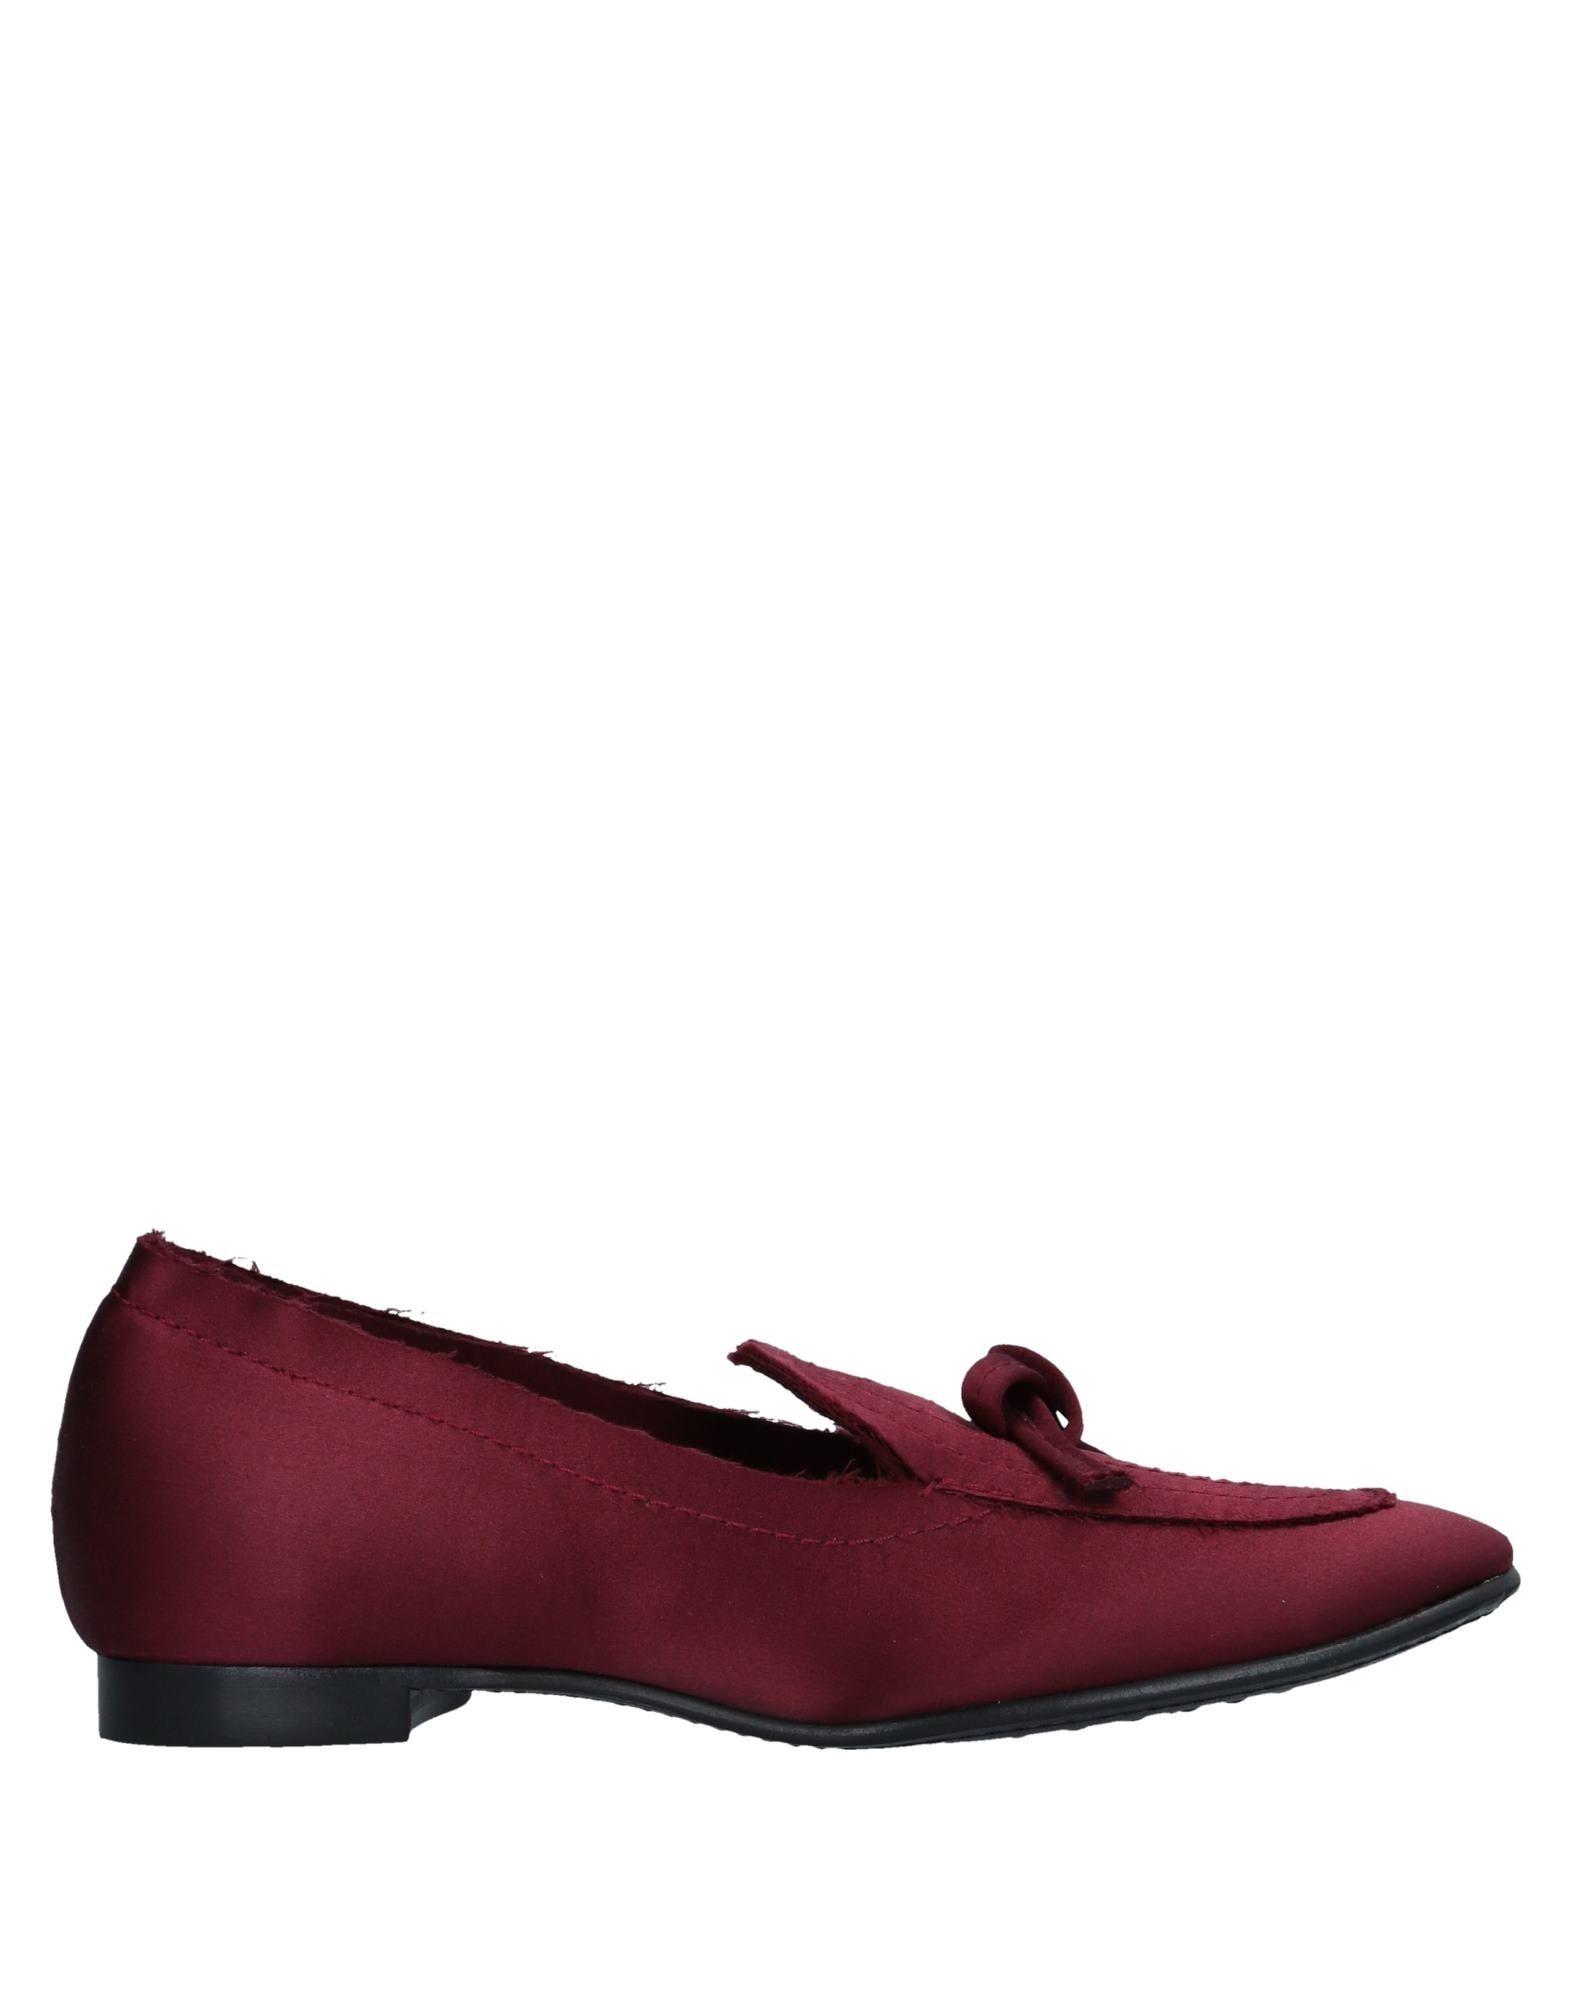 Sneakers 2Star Uomo - 11554880RD Scarpe economiche e buone